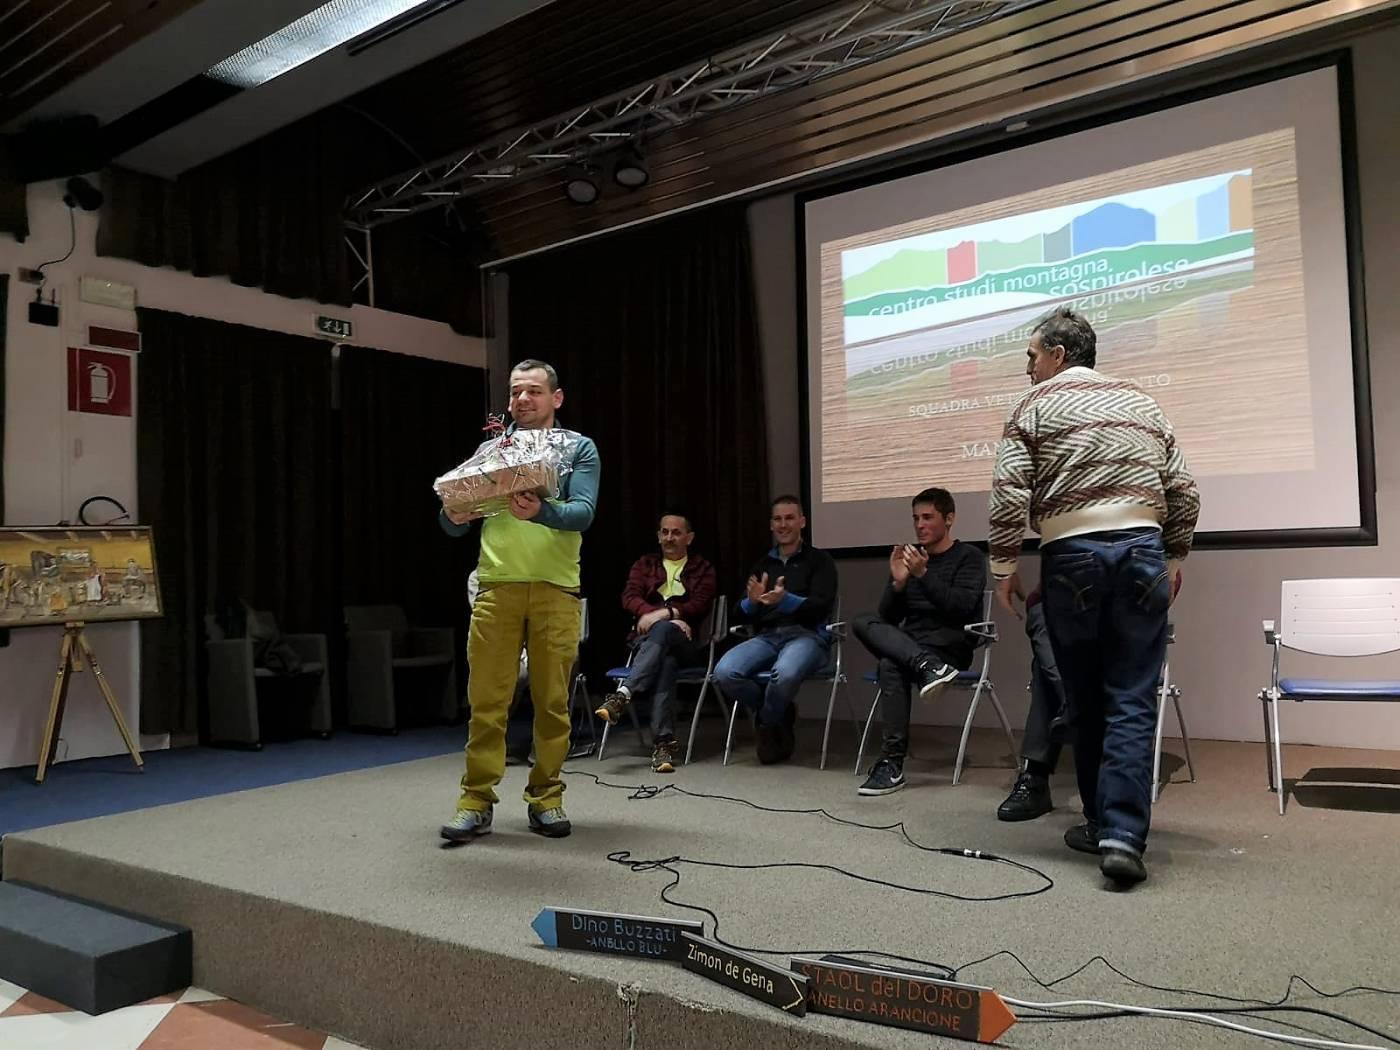 Centro Studi per la Montagna Sospirolese - consegna del premio a Manuel Case